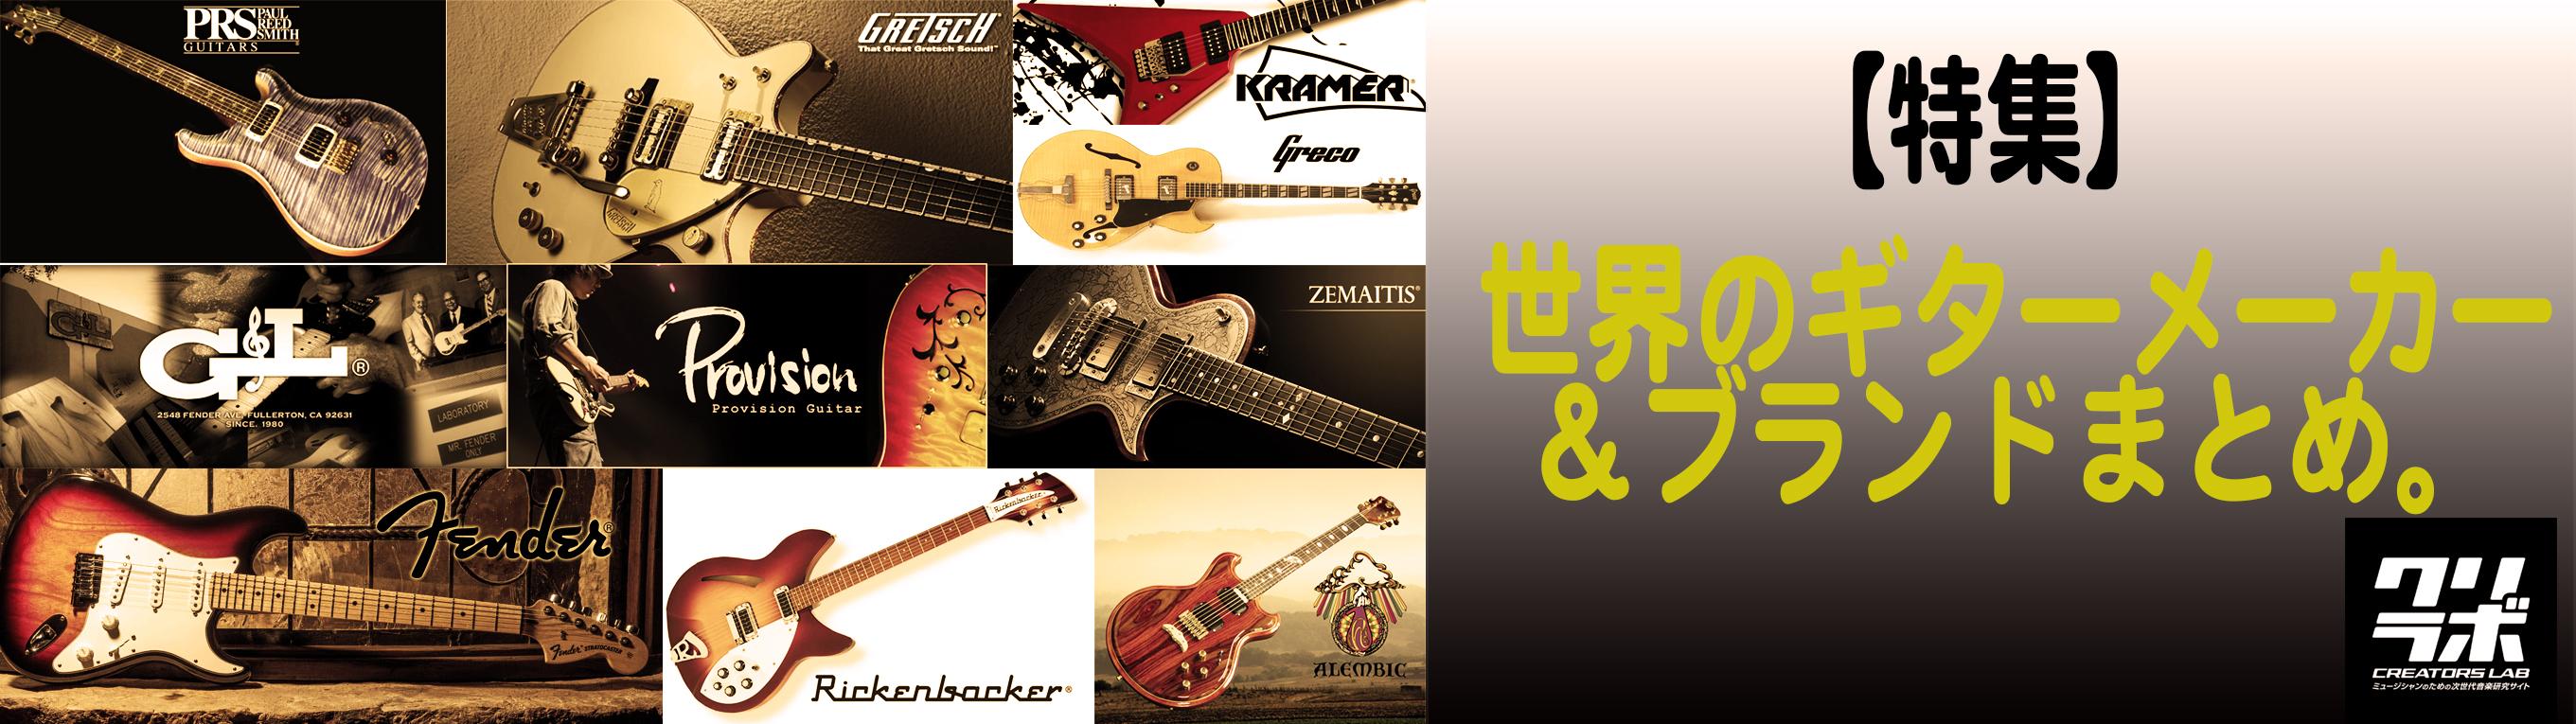 【特集】ギターメーカー・ブランドまとめ1。海外有名編